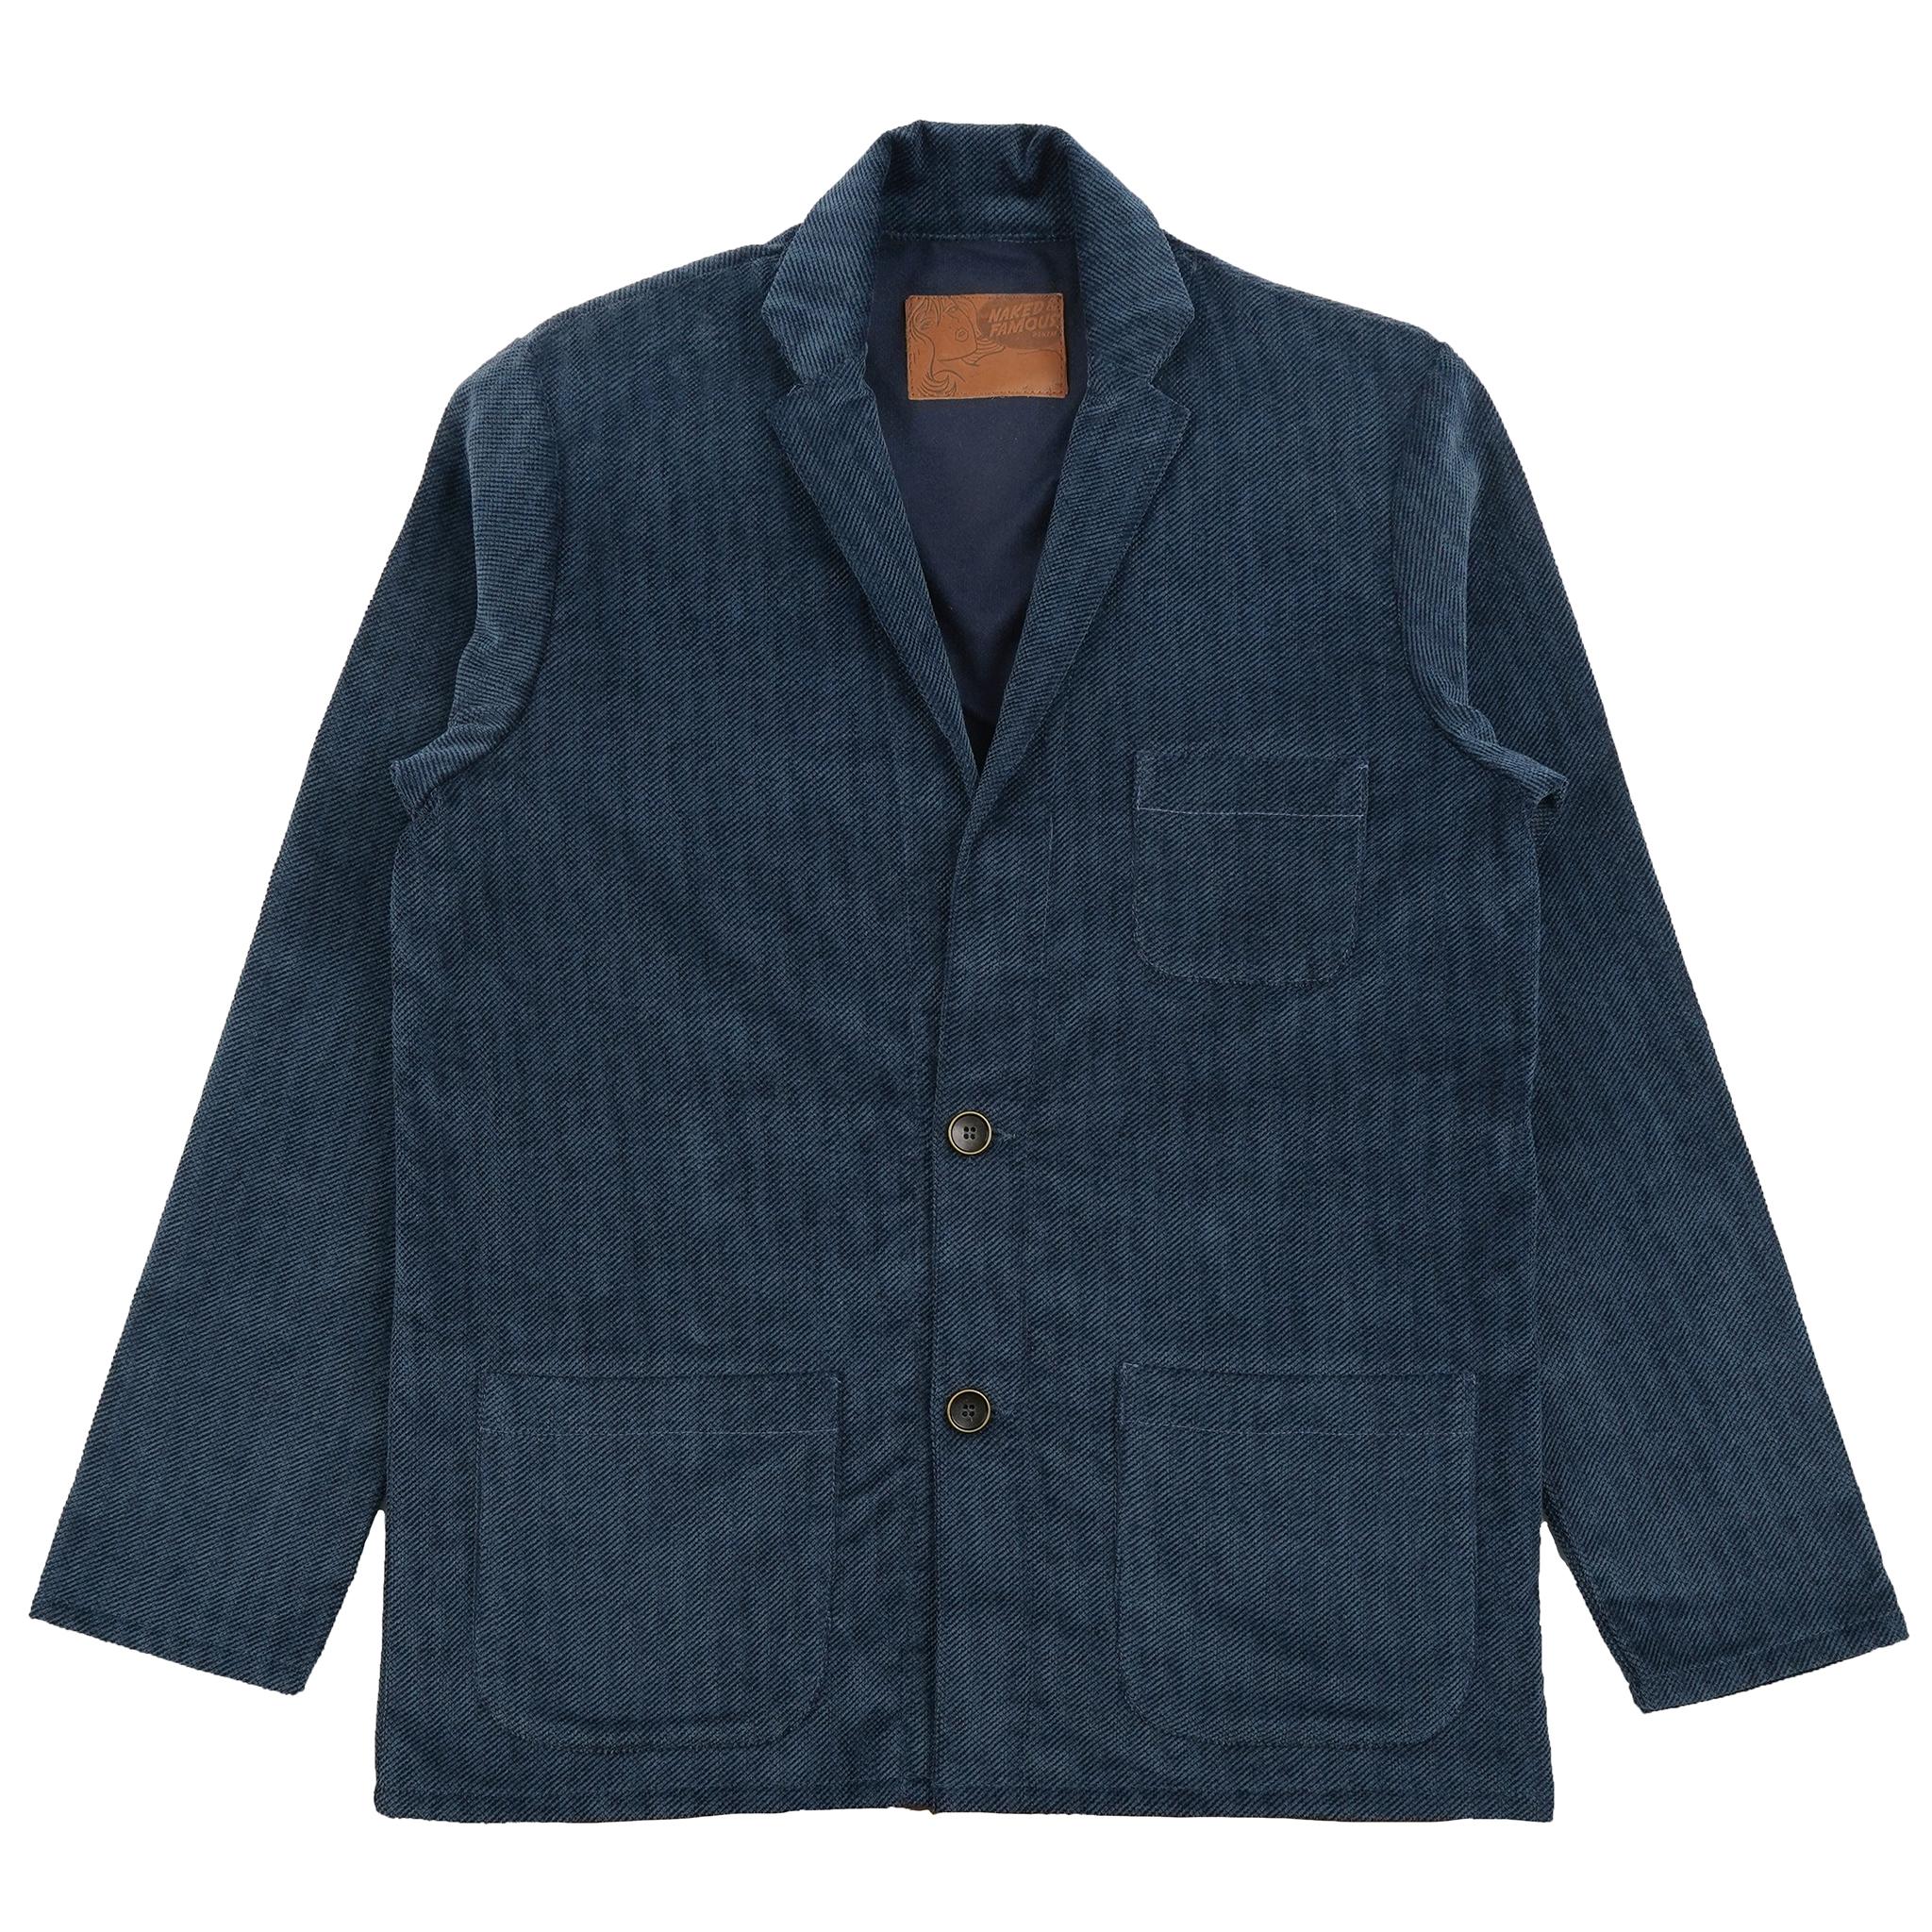 Heavy Velvet Twill - Blue - Patch Pocket Blazer